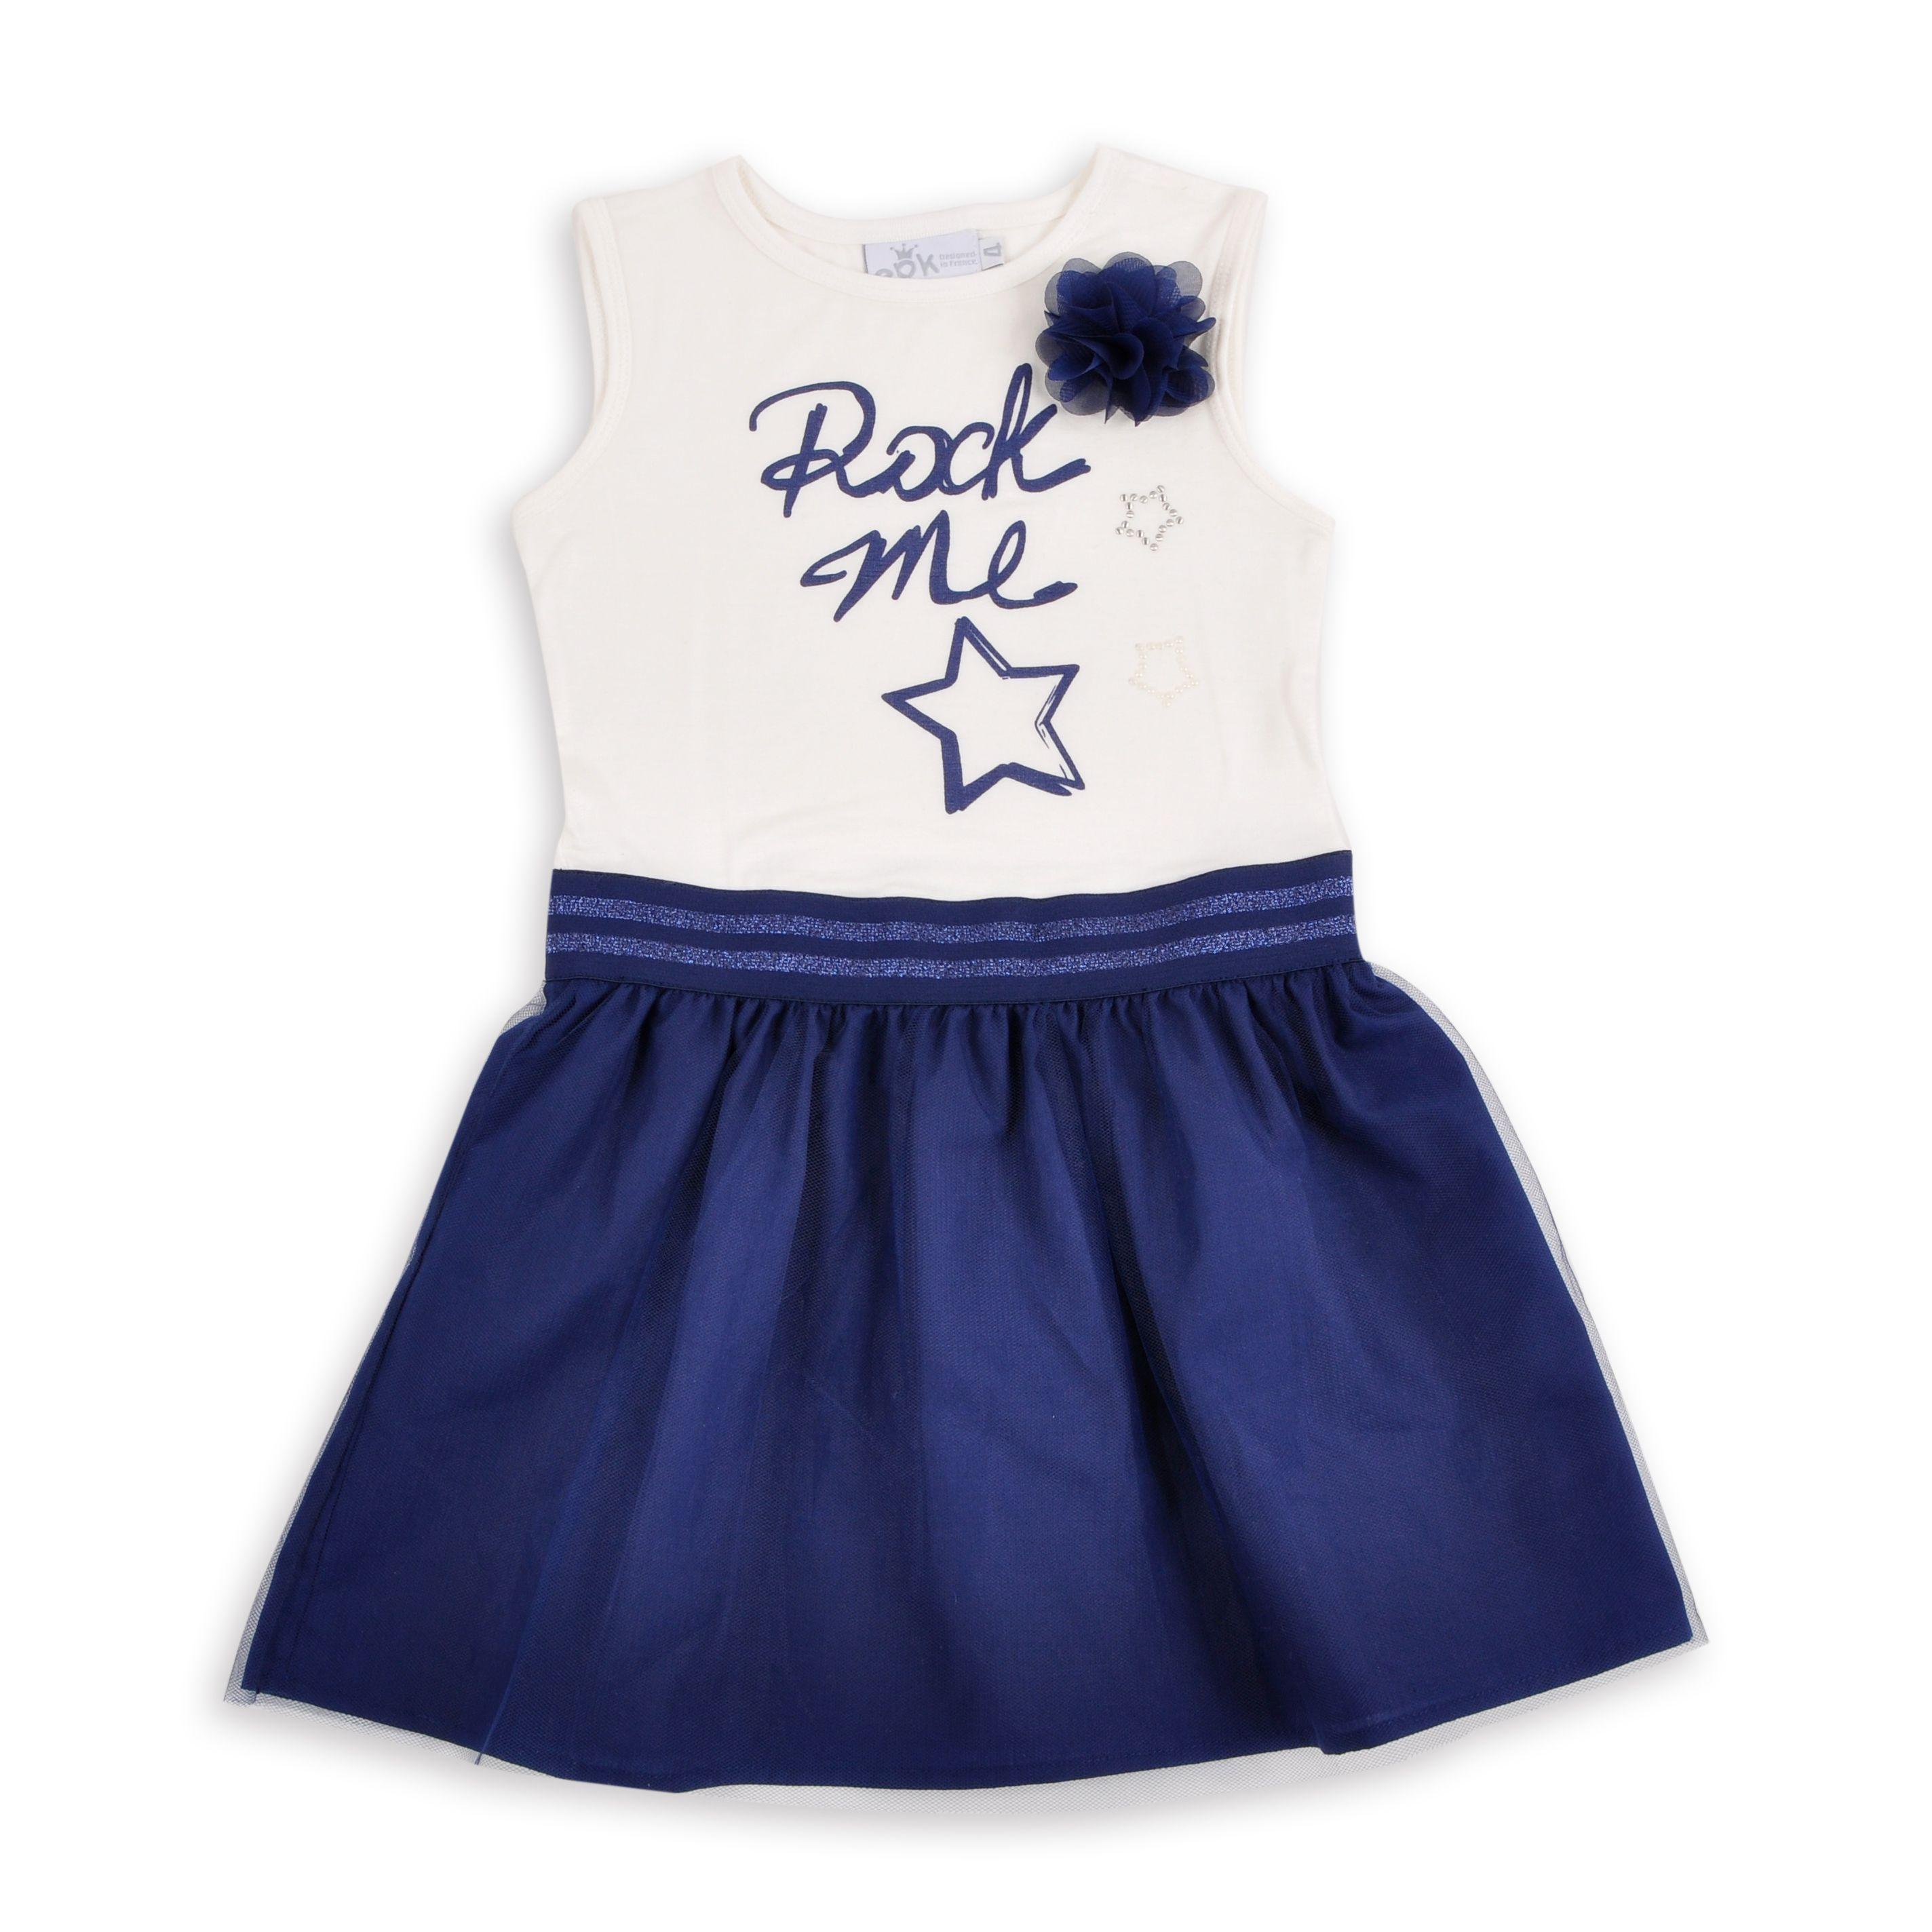 Vestido para ni±a en color hueso y falda de tull azul marino EPK